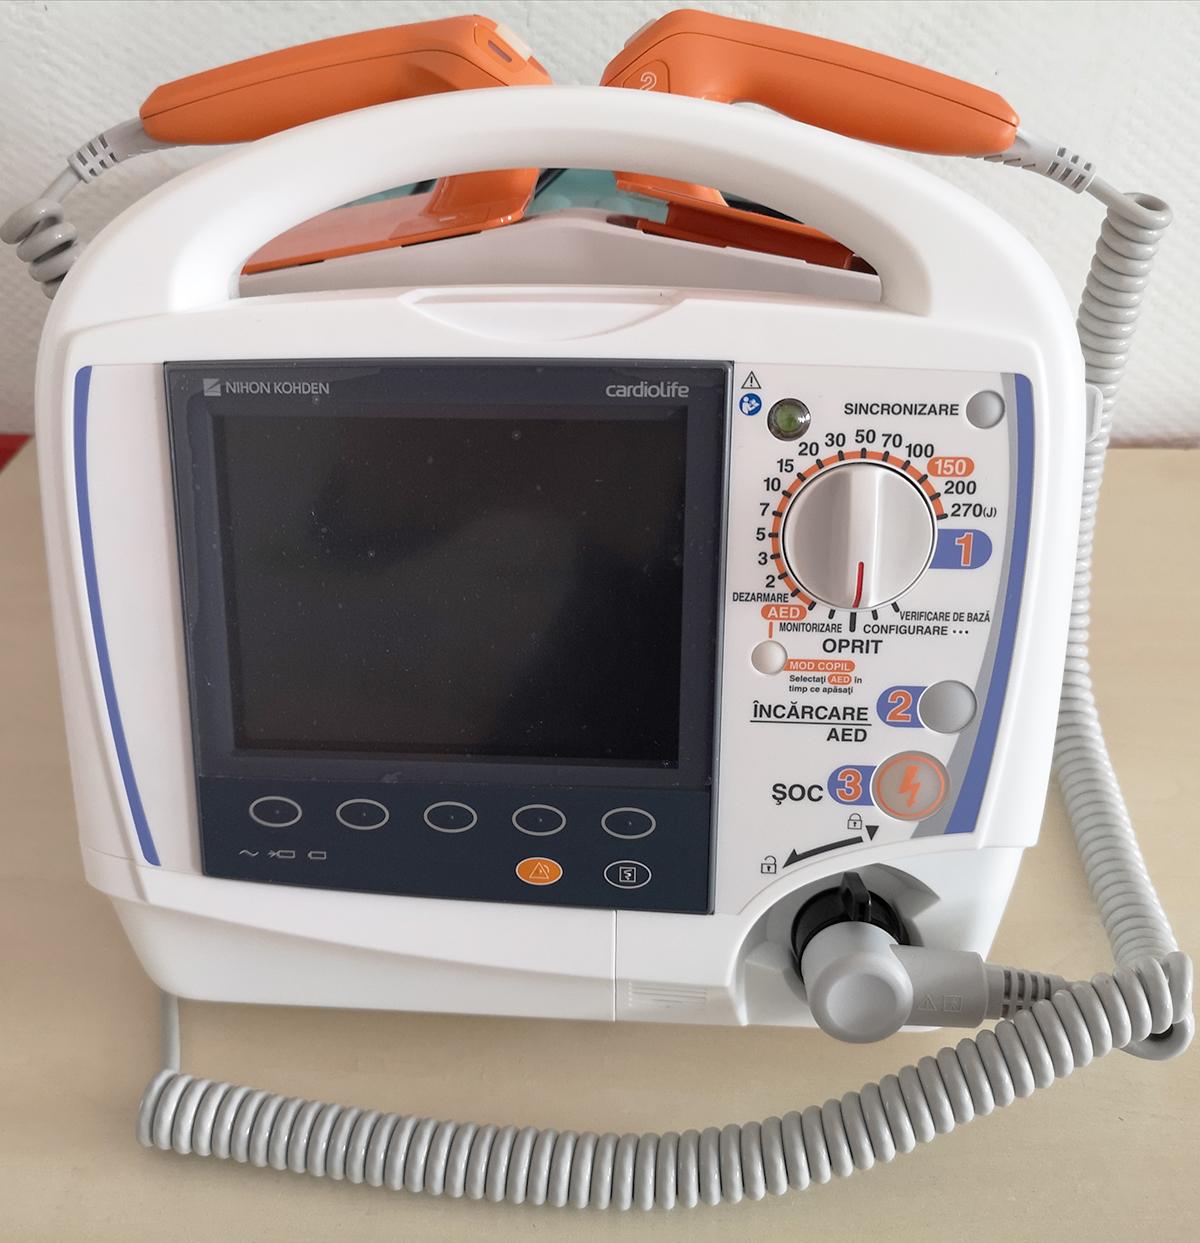 Defibrilator Cardiolife TEC -5621 Nihon Kohden